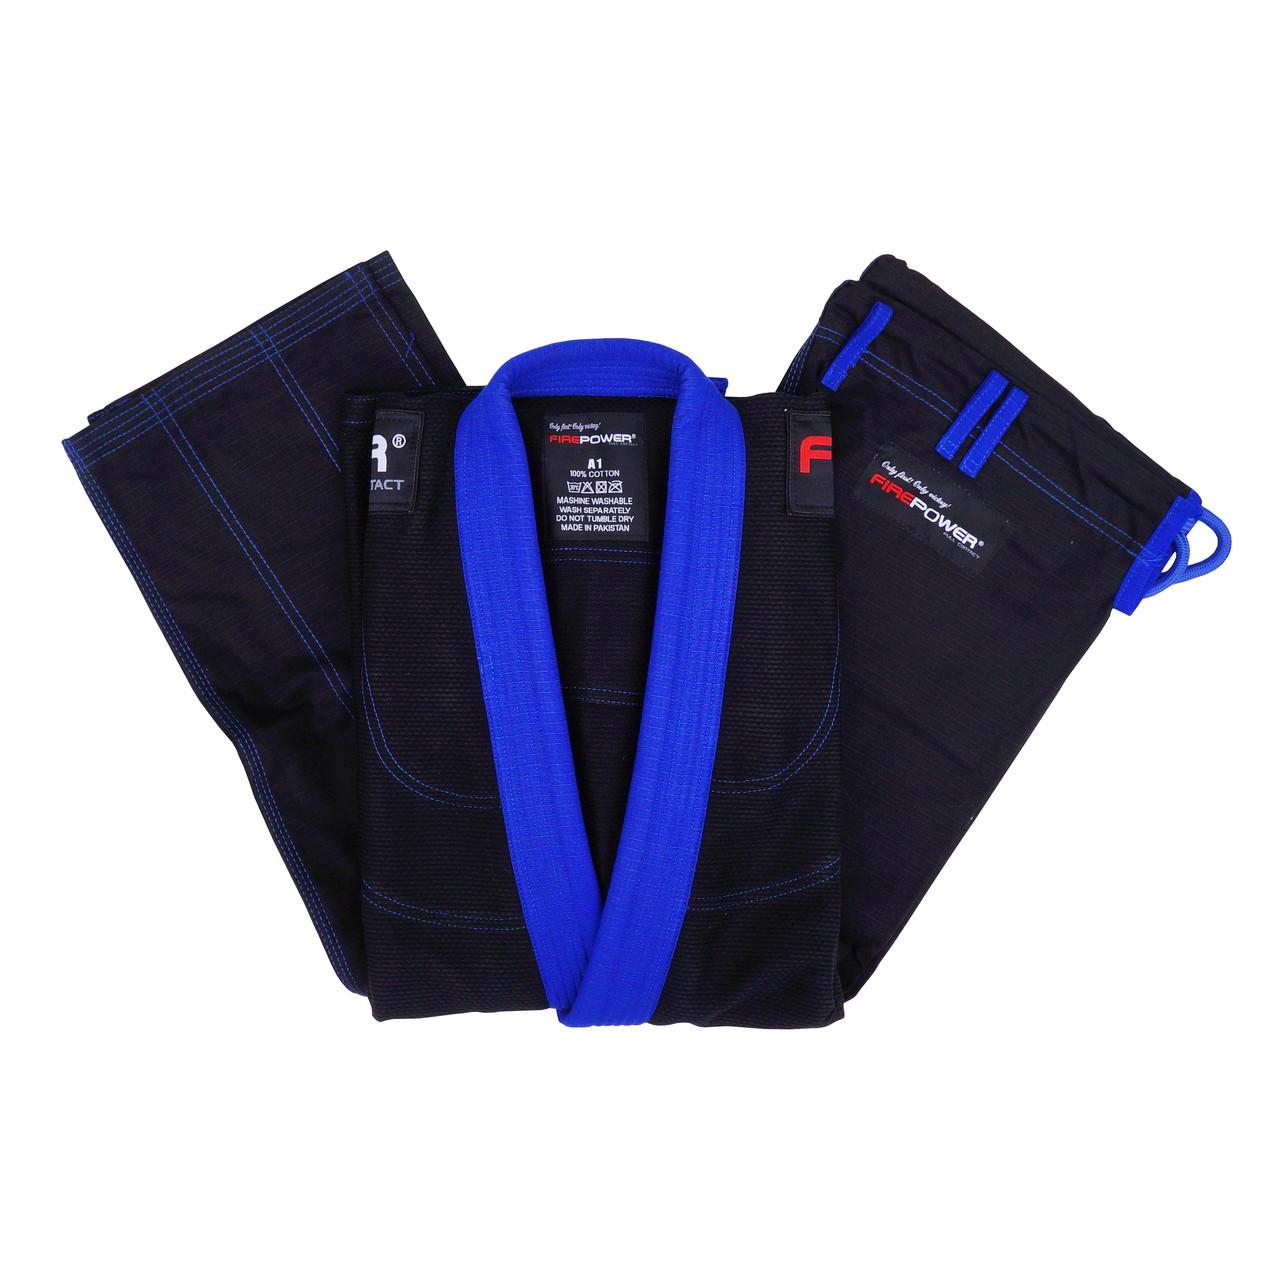 Кимоно для Бразильского Джиу-Джитсу Firepower Evolution Черное с синим